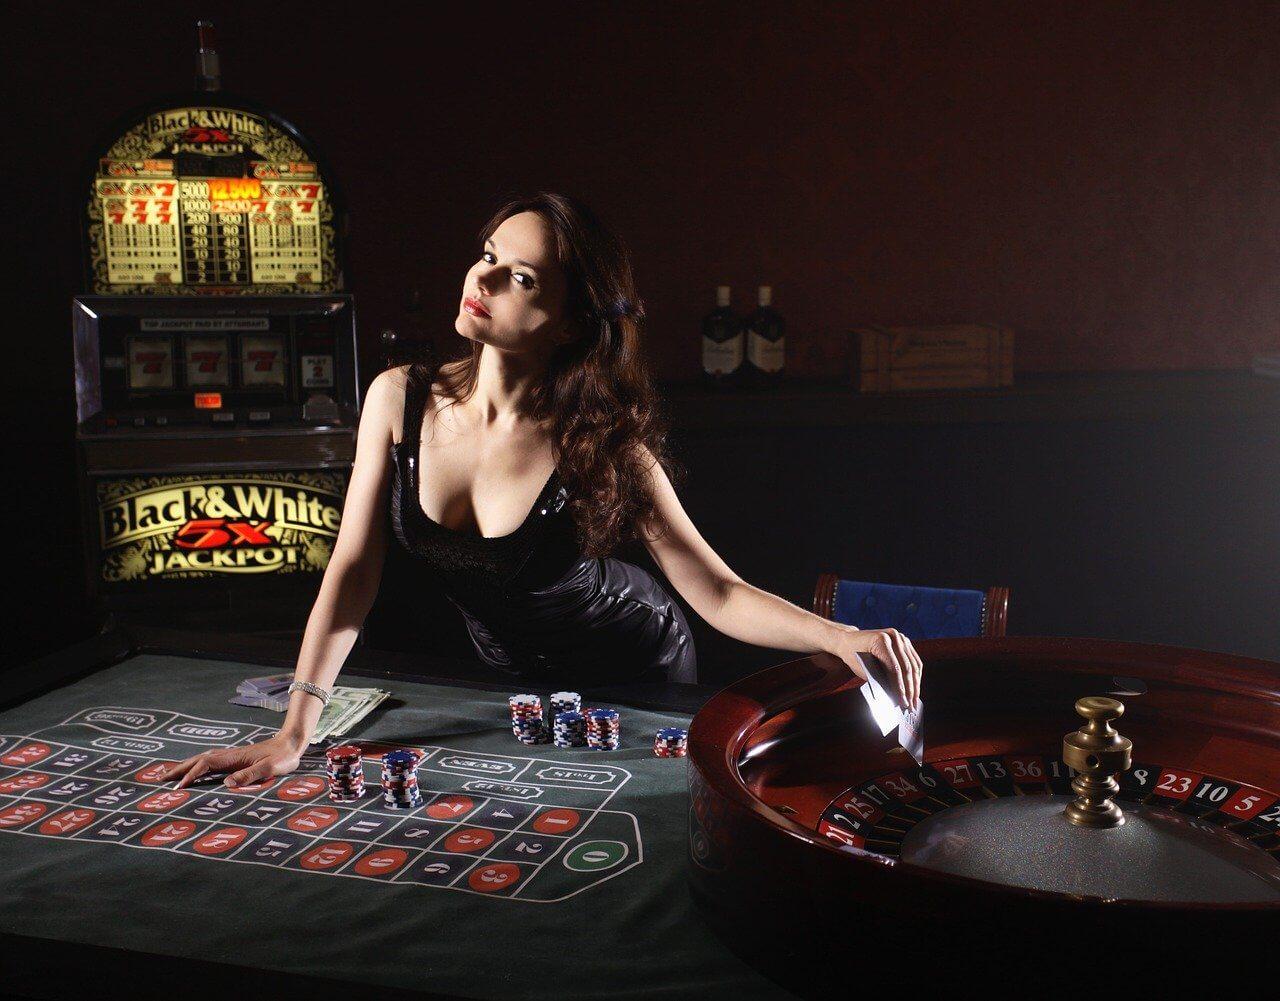 casino games provider